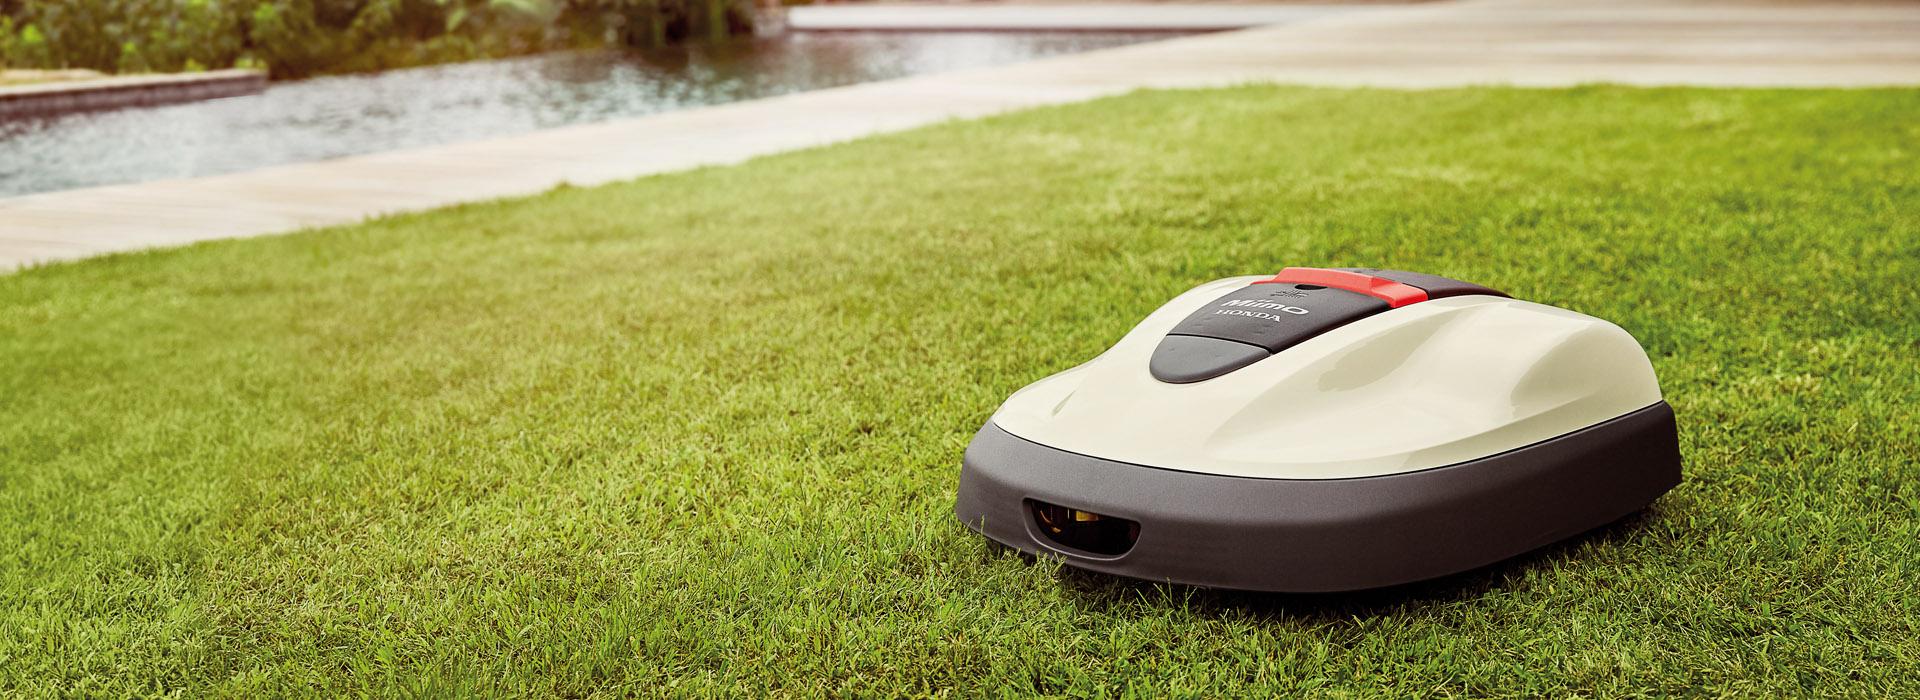 Honda-Miimo-Rasenroboter